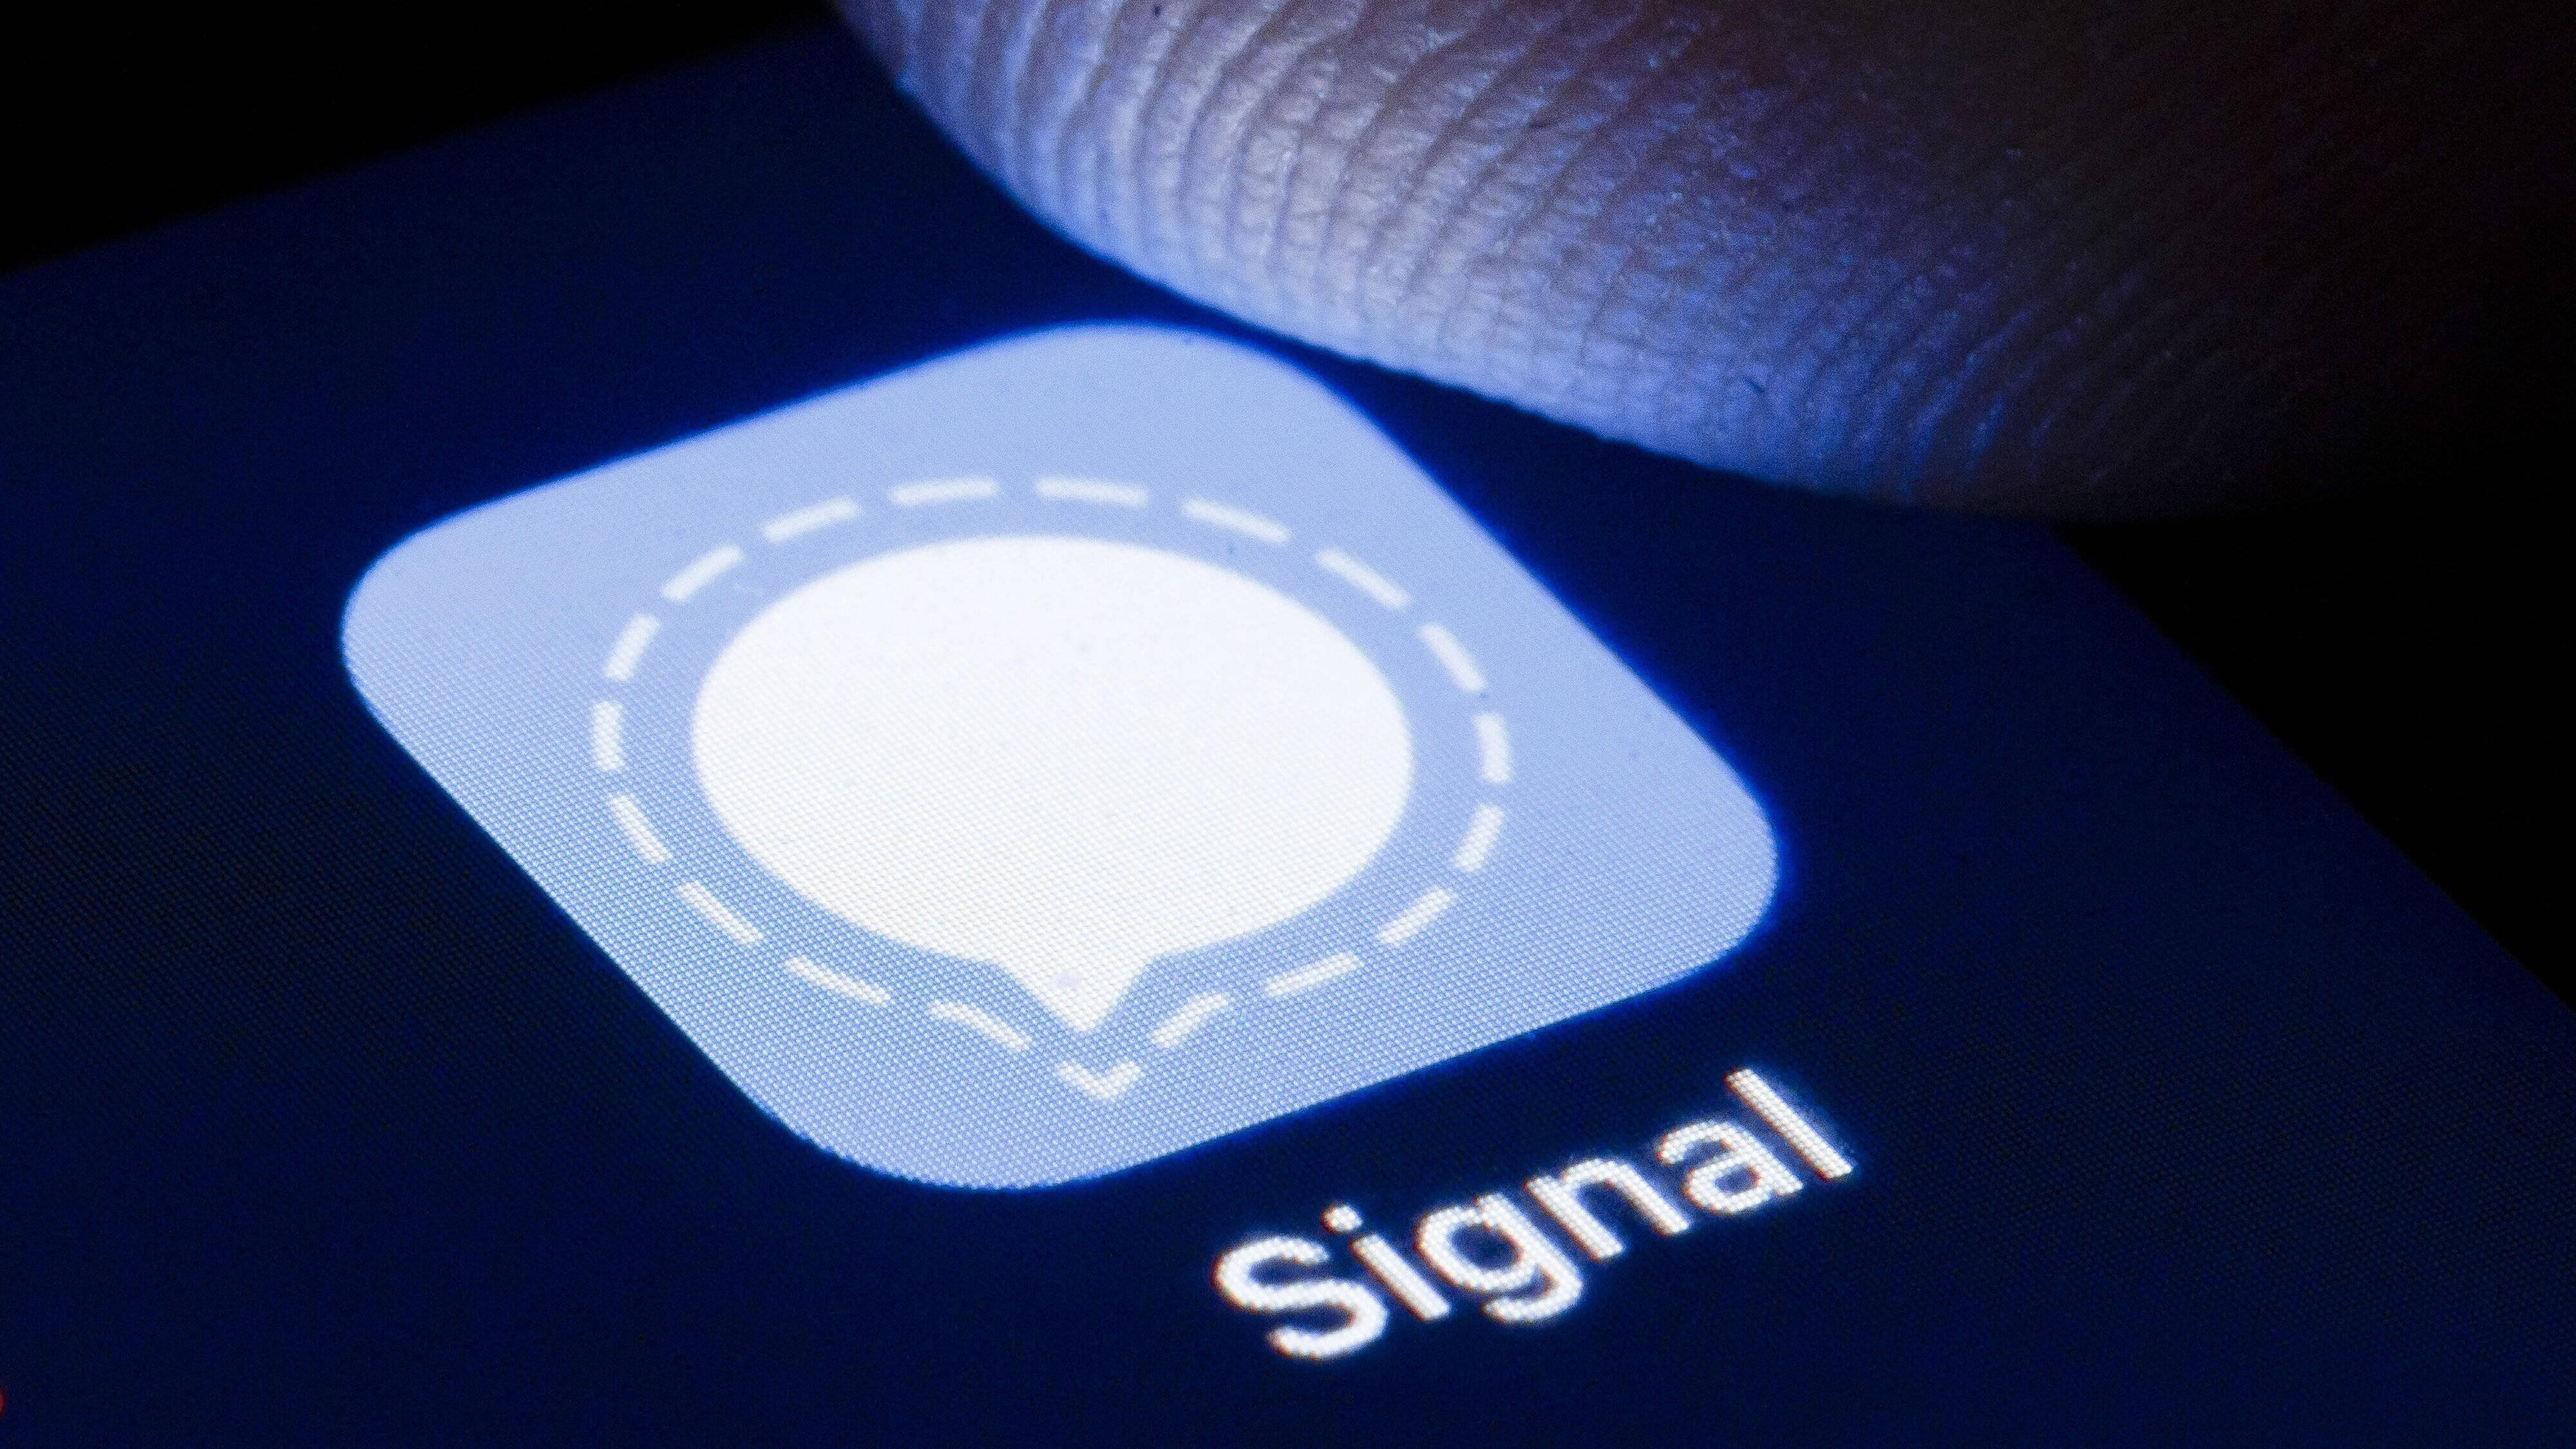 Der Signal Messenger bietet in einigen Punkten Anlass zur Kritik.